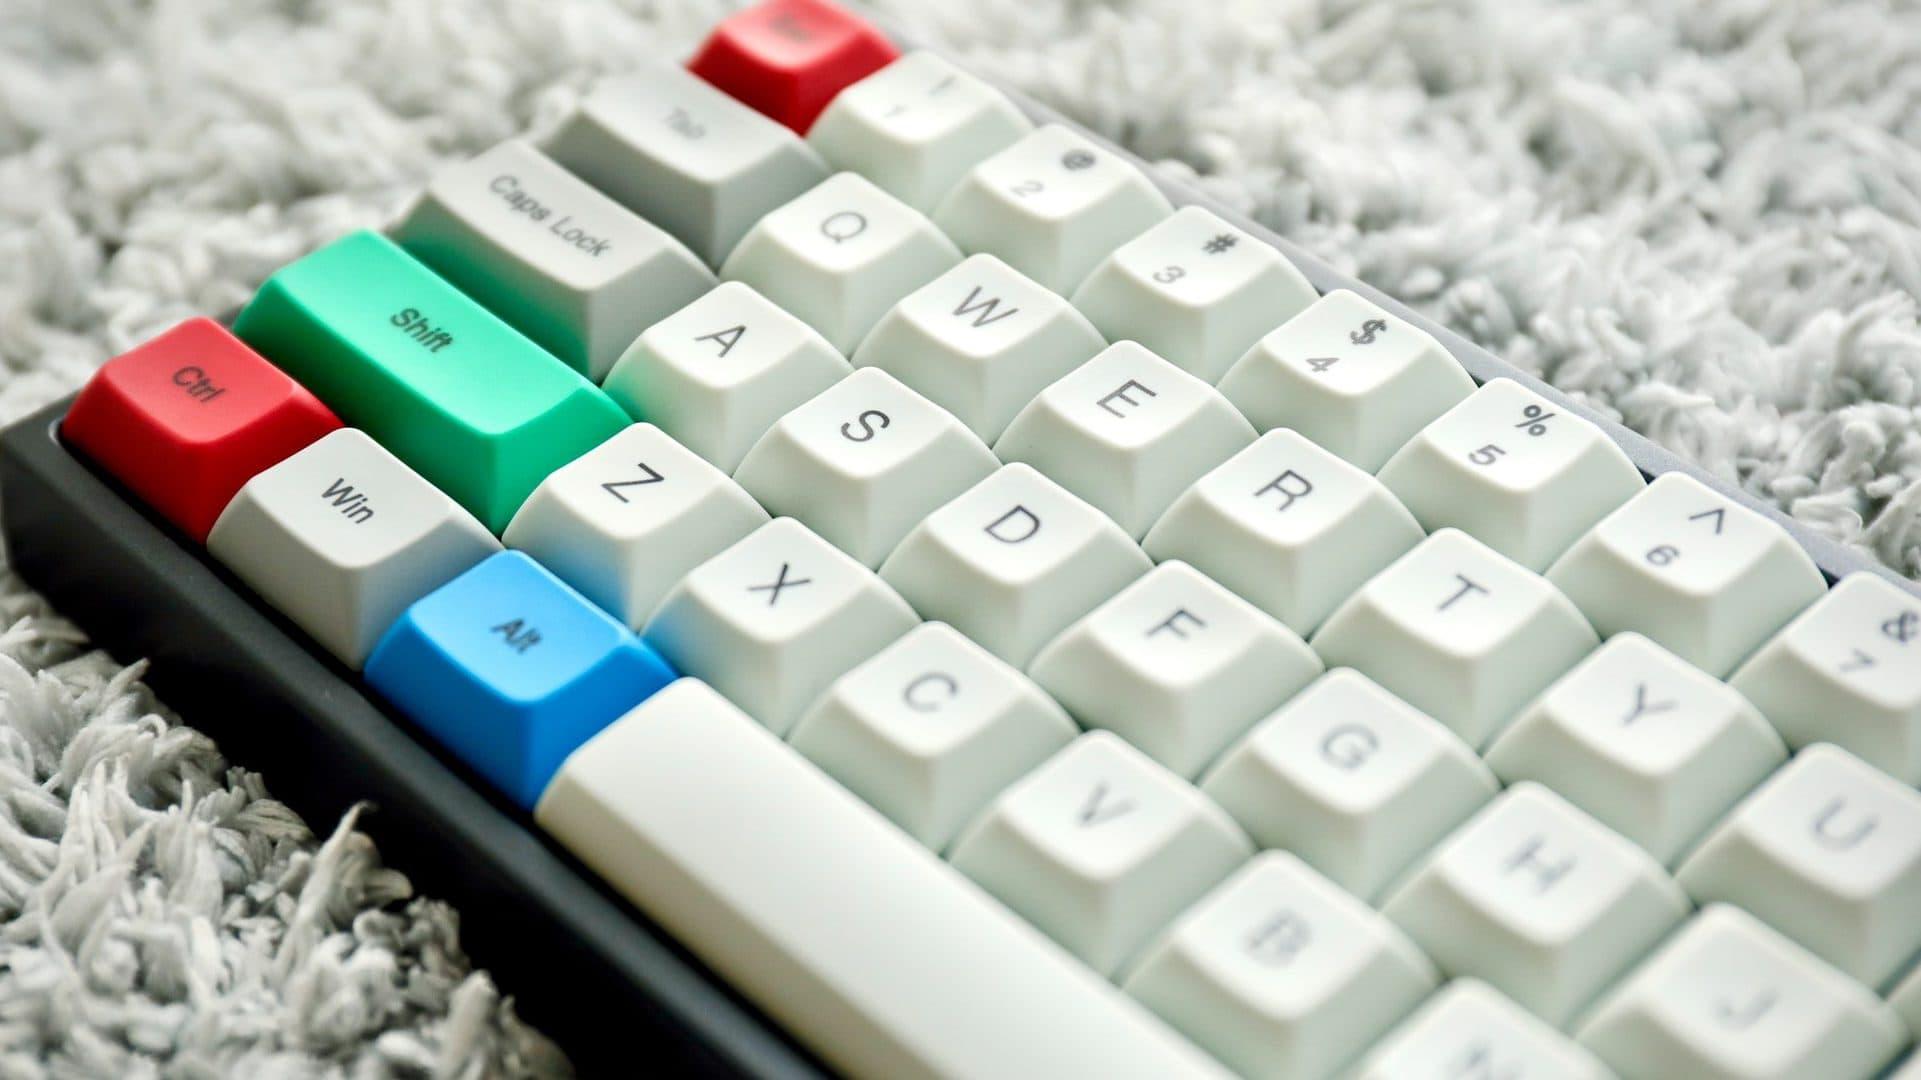 Toetsenbord met gekleurde toetsen, bovenaanzicht